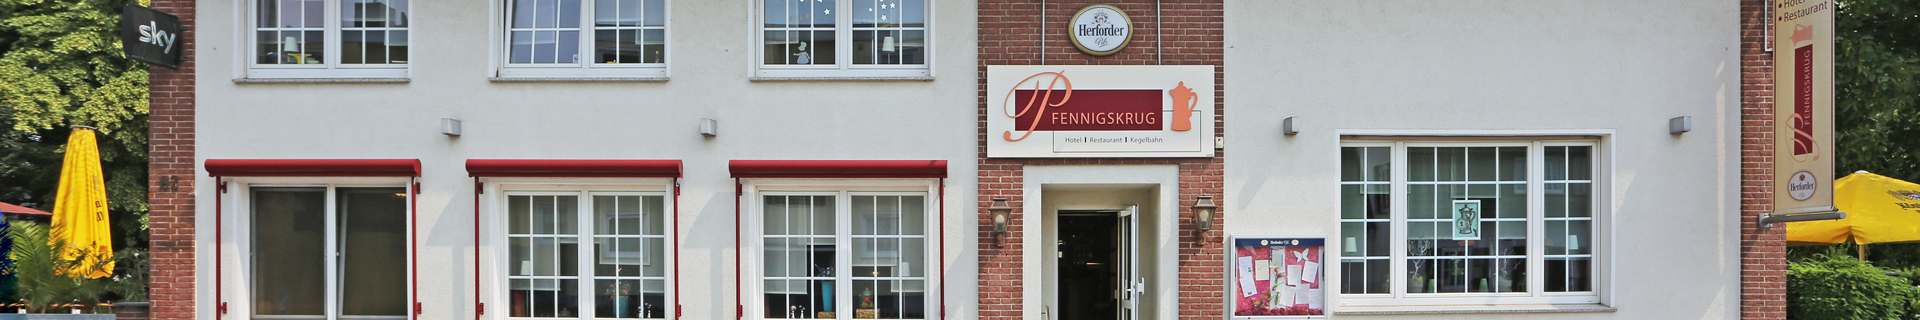 Unser Restaurant in Herford - Speisekarte